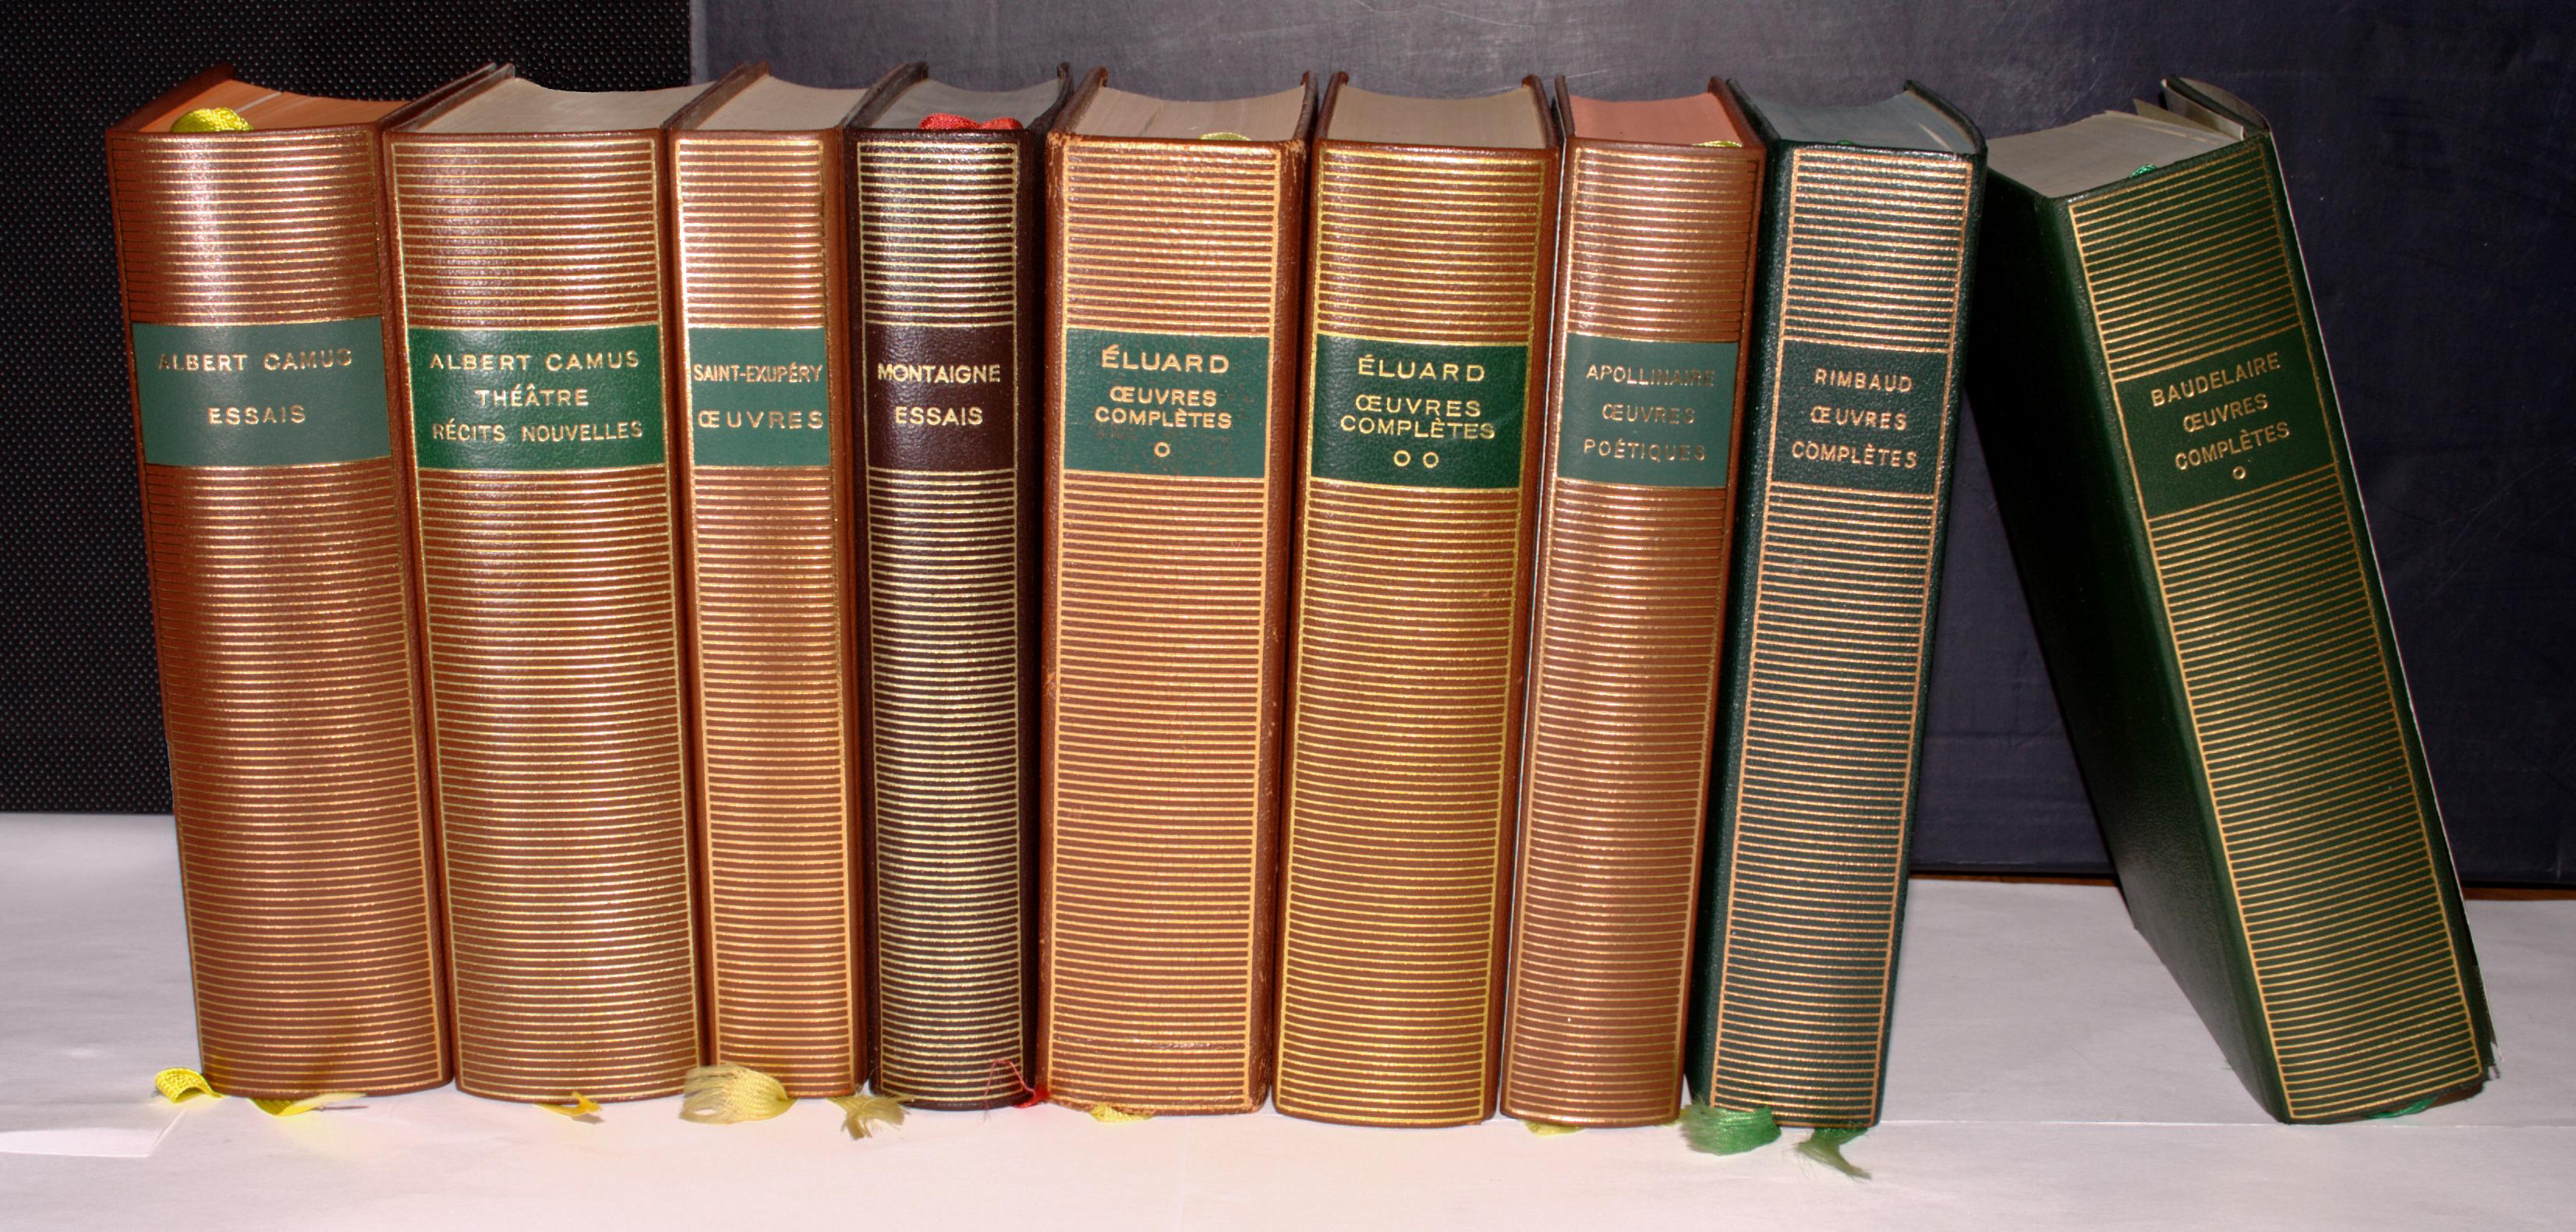 file neuf livres dans la collection biblioth que de la pl wikimedia commons